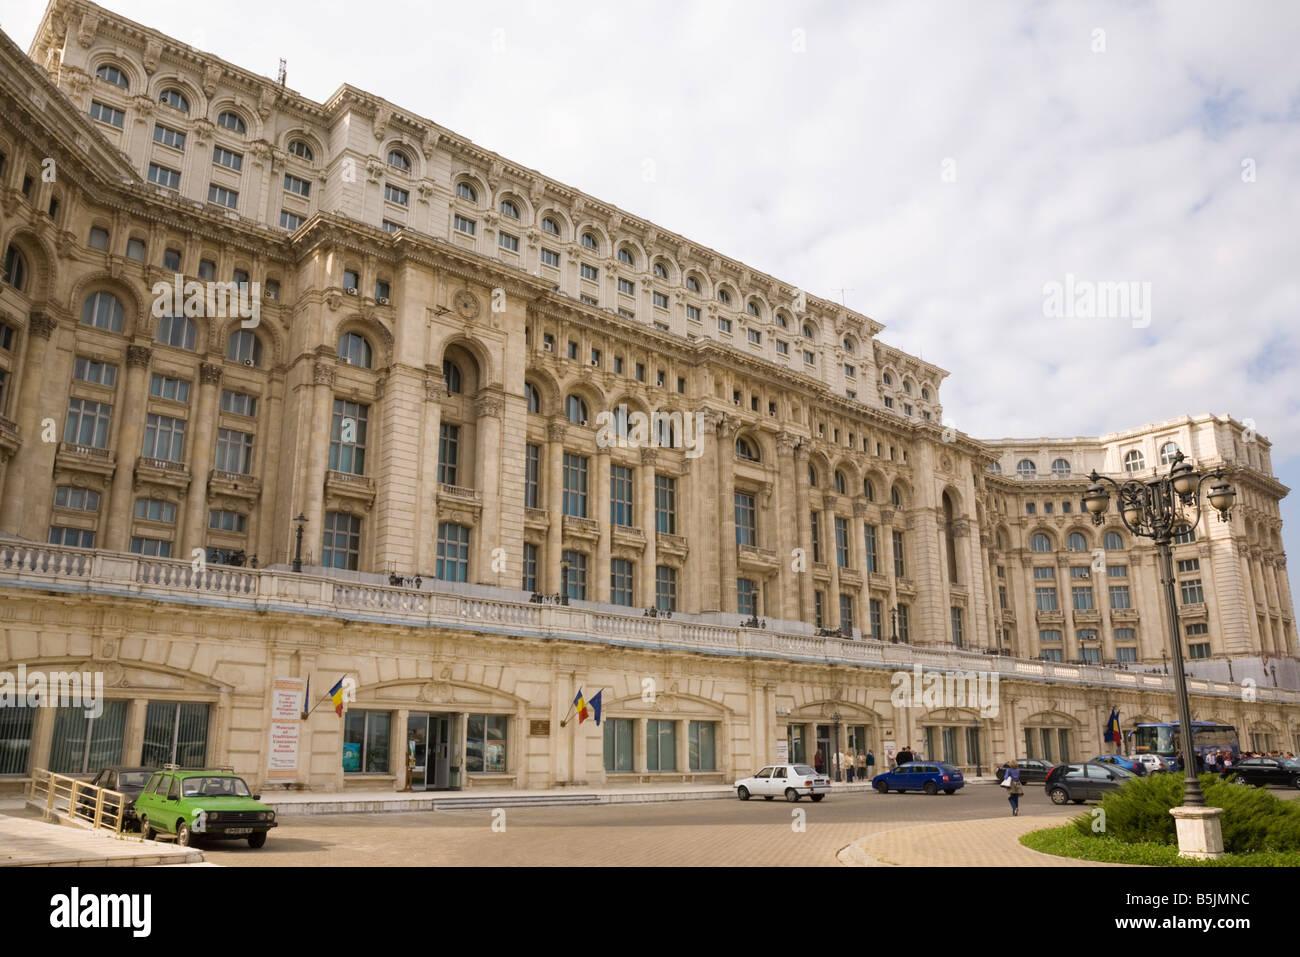 Bucharest Romania Nicholae Ceausescu's House of the People Casa Poporului Romanian Parliament and Senate building Stock Photo